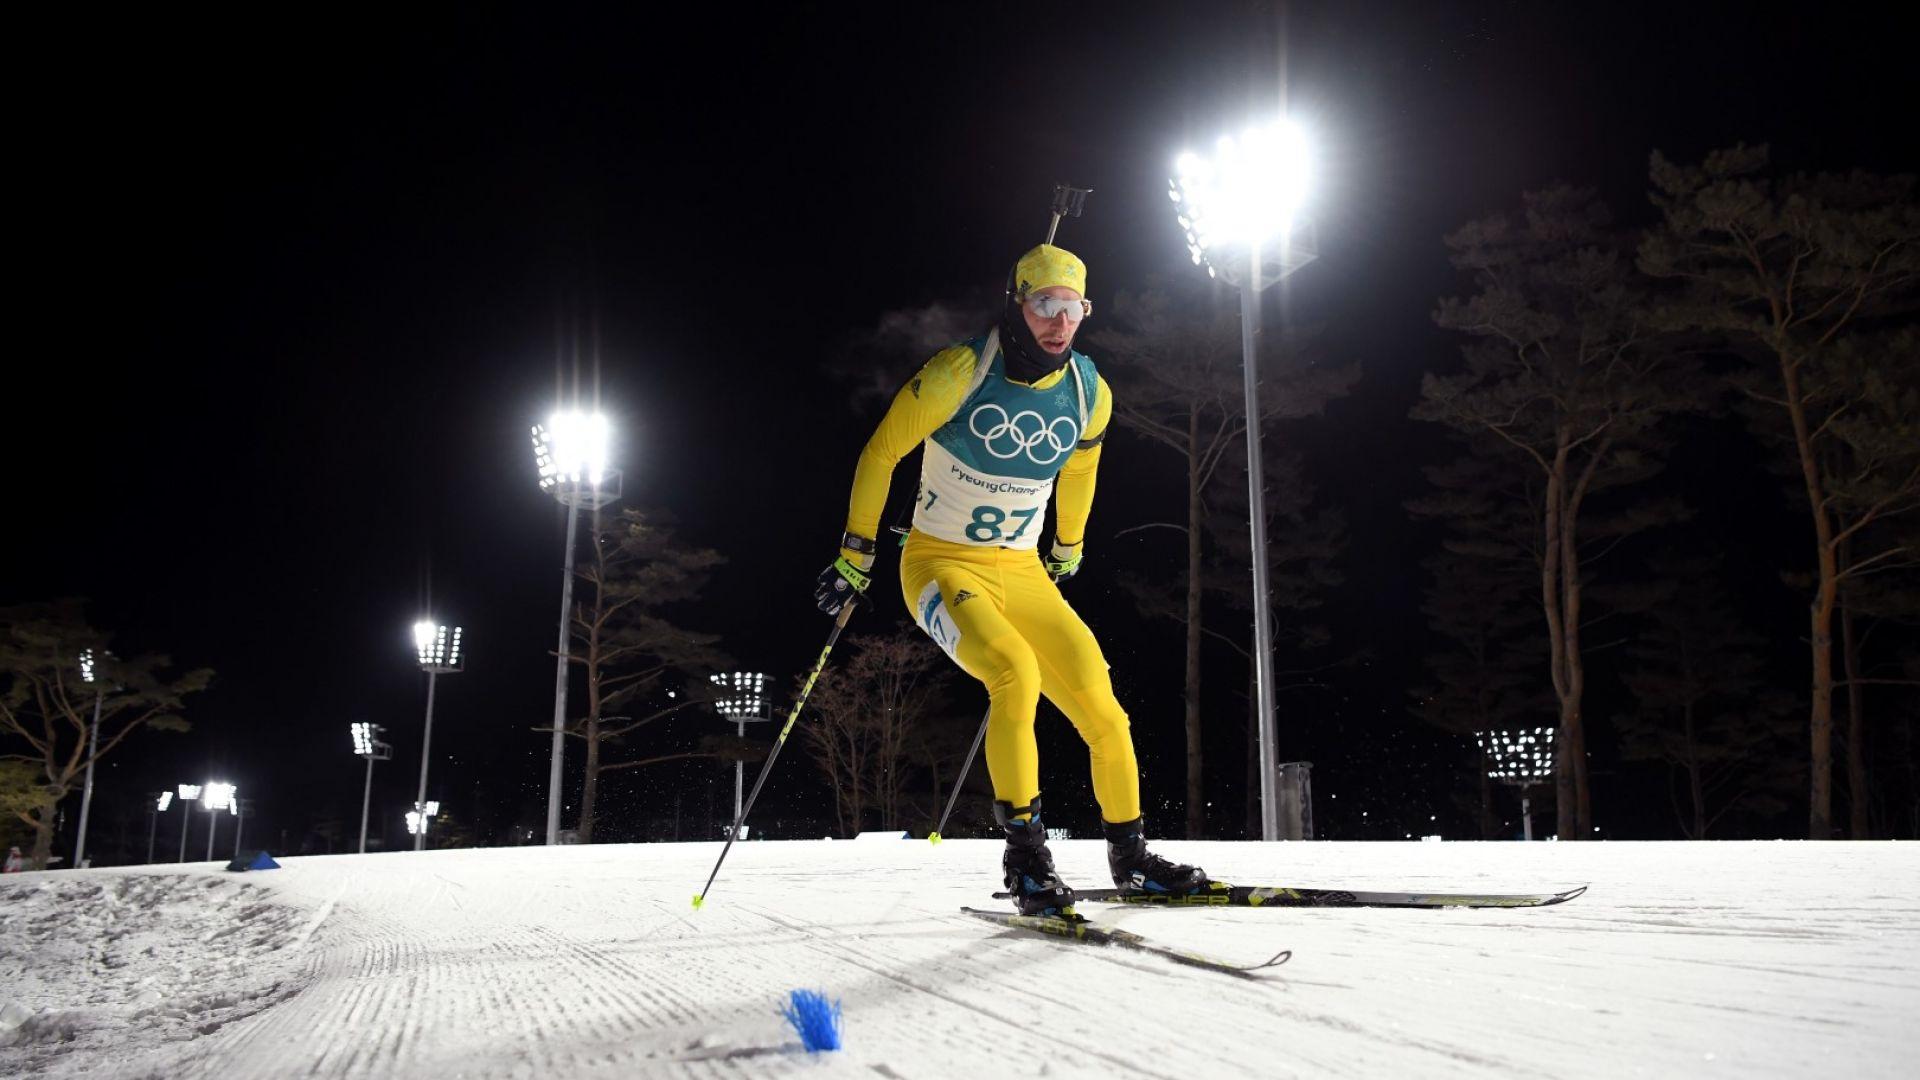 Олимпийски шампион се прободе с щеката си